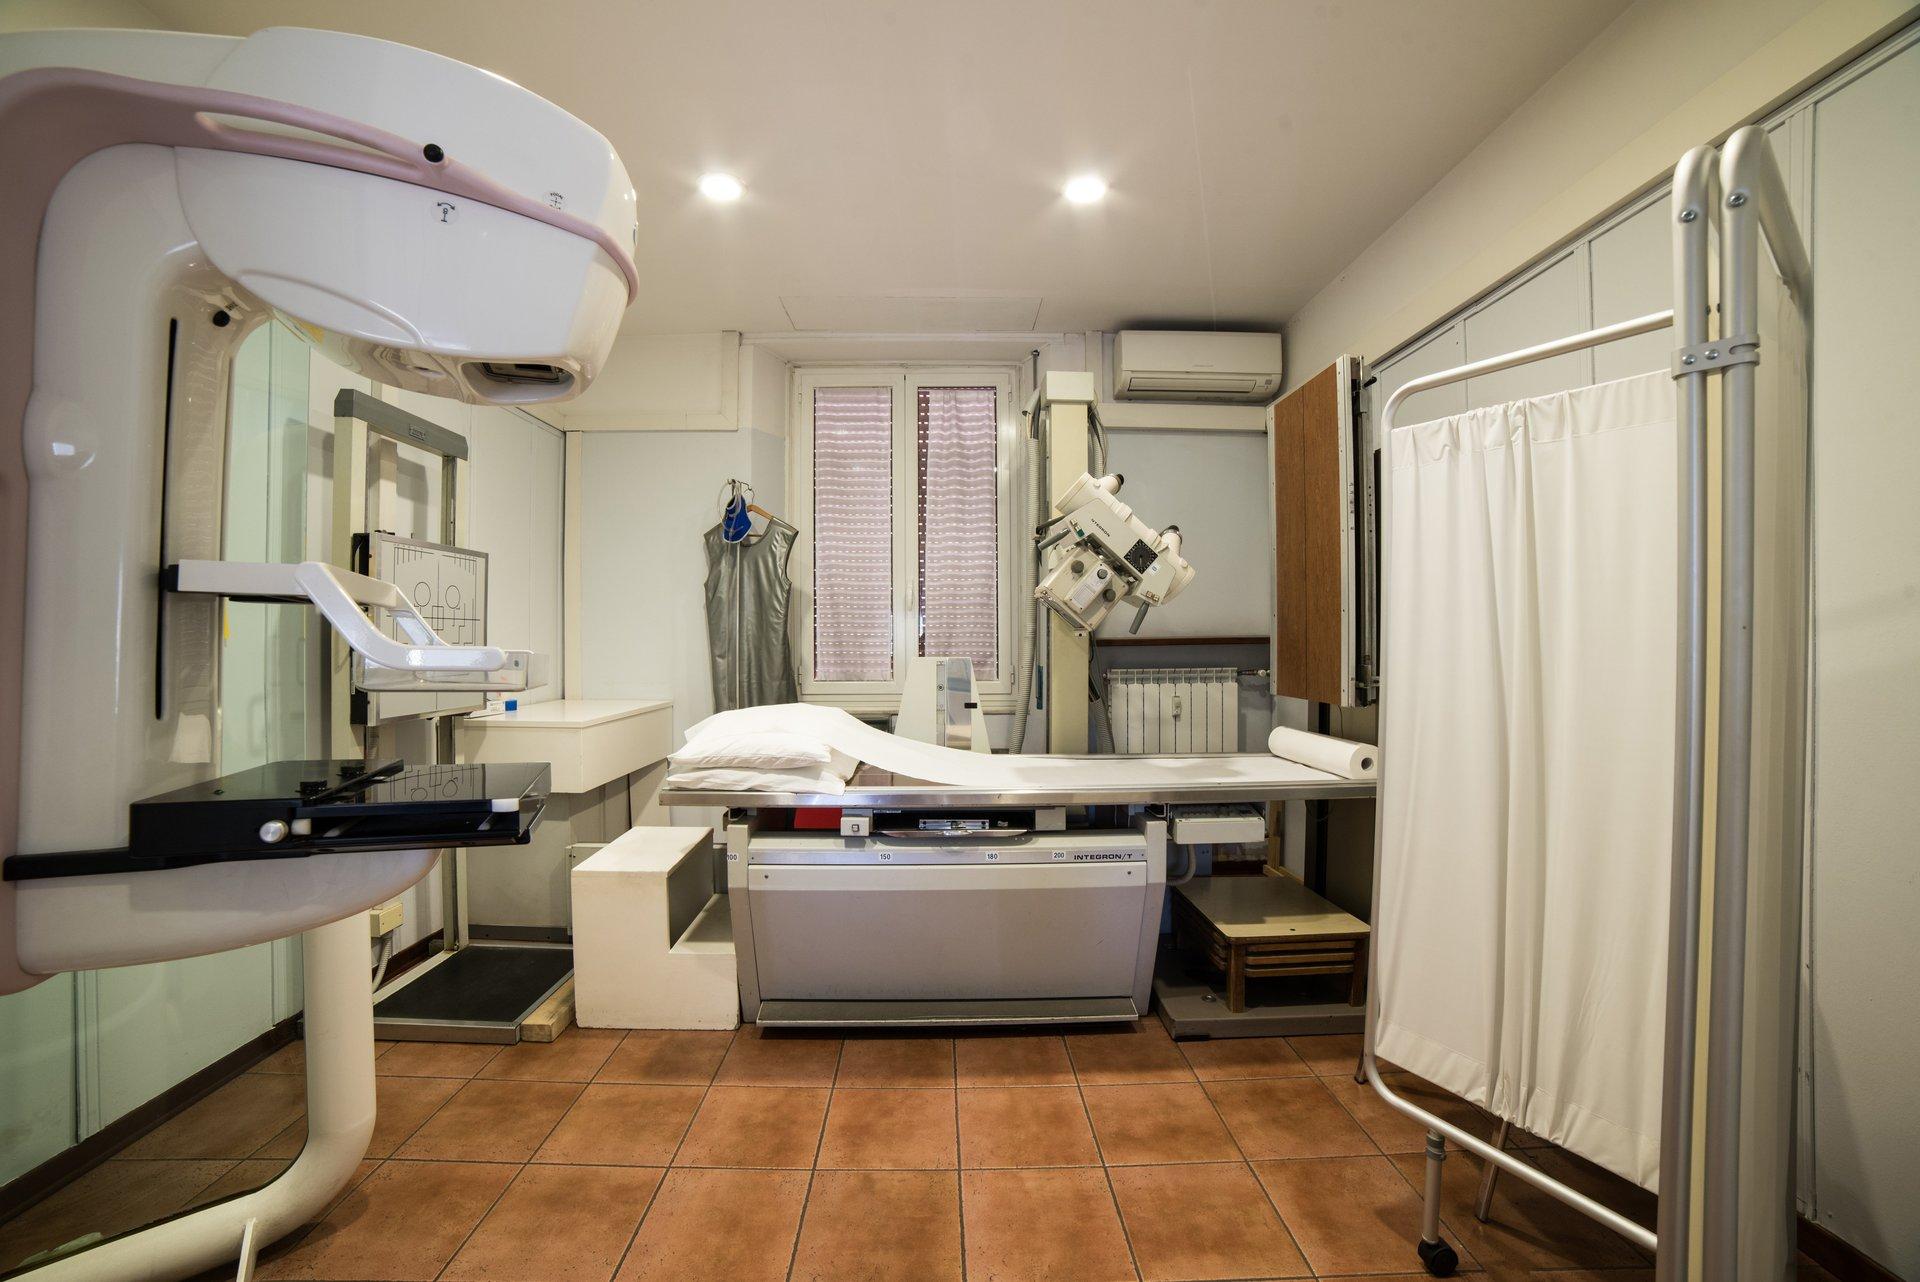 istituto radiologico beretta - risonanza magnetica